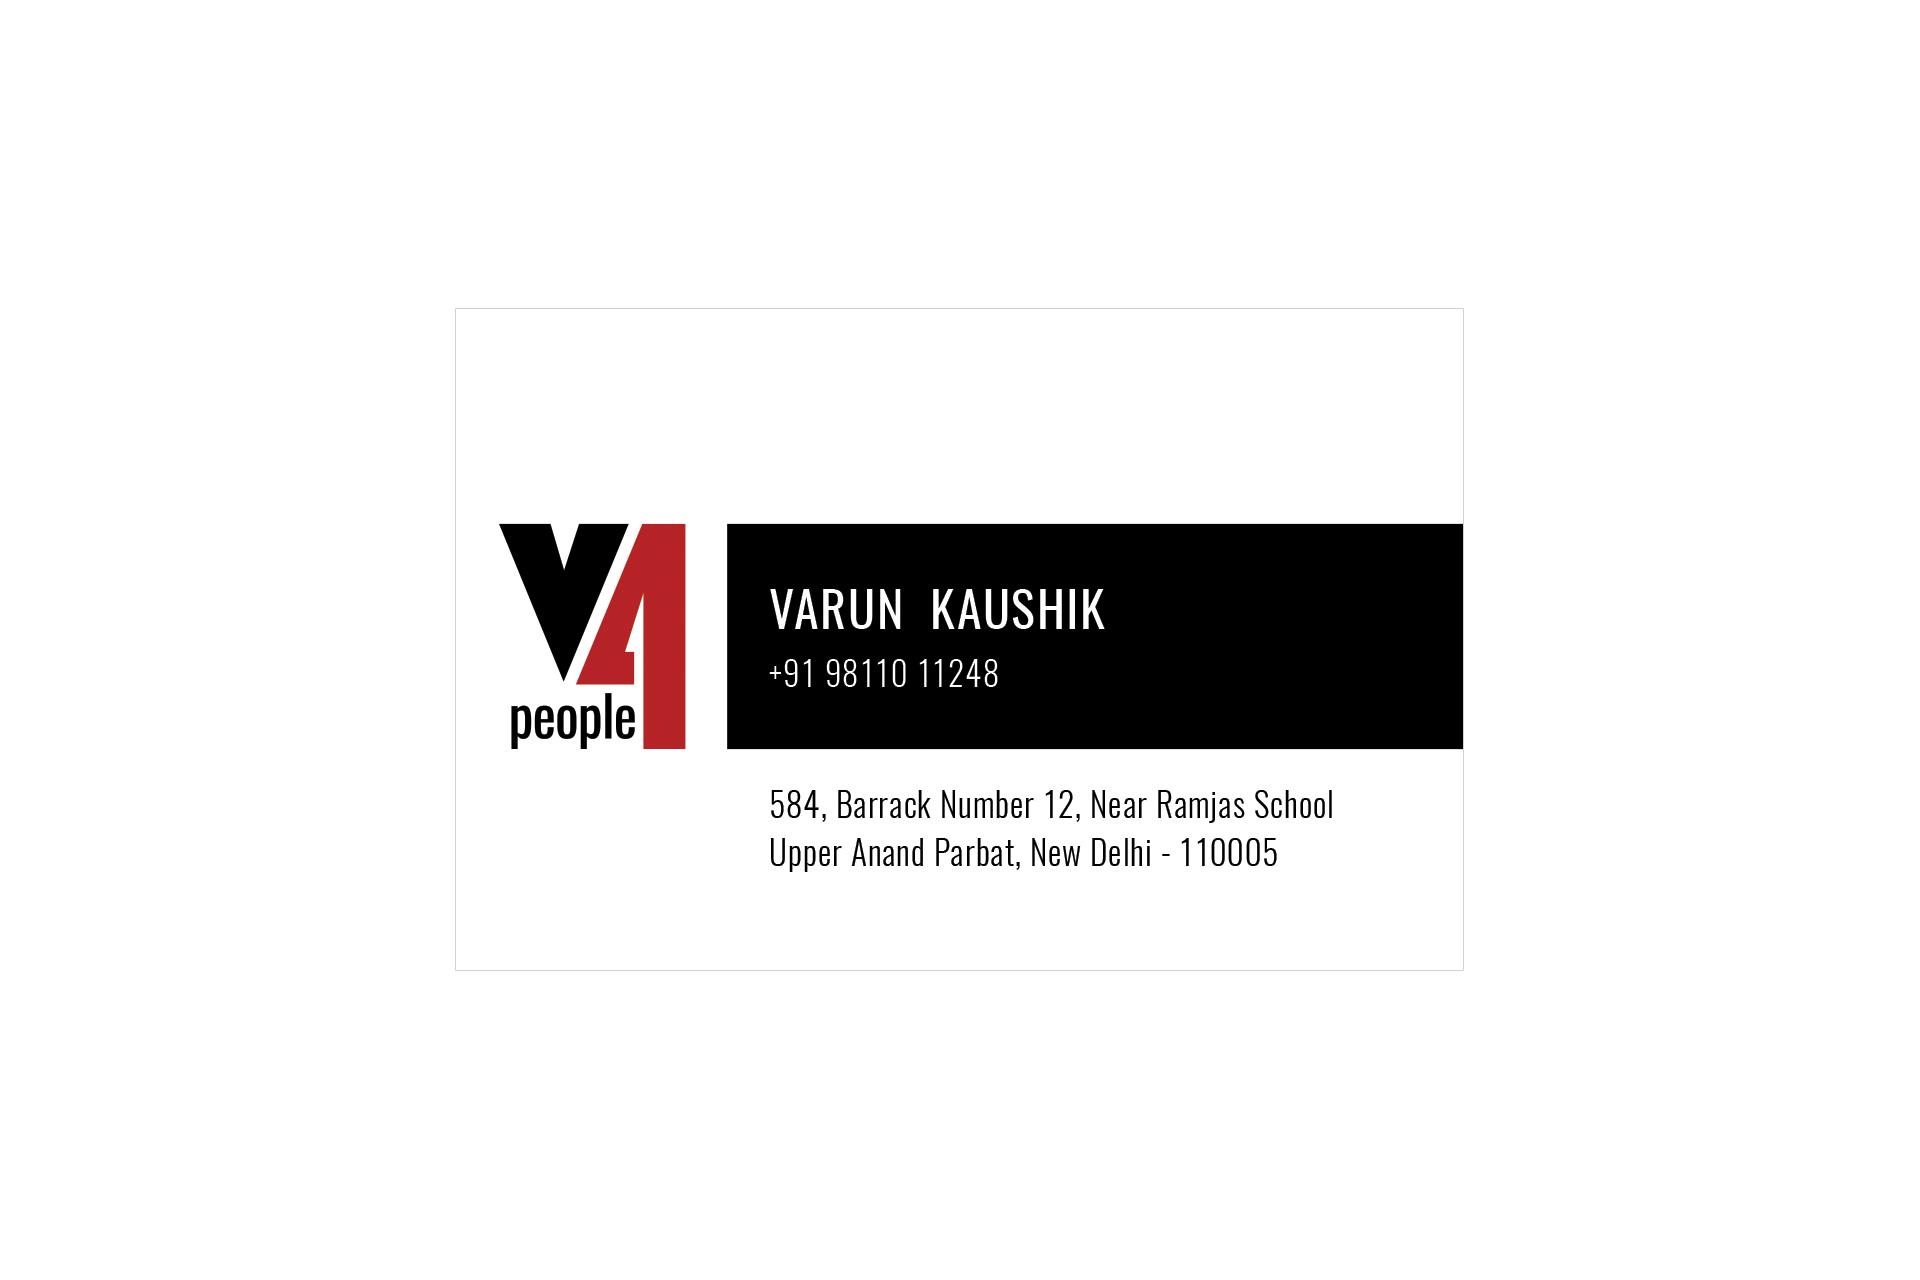 visitingCard-v4-people